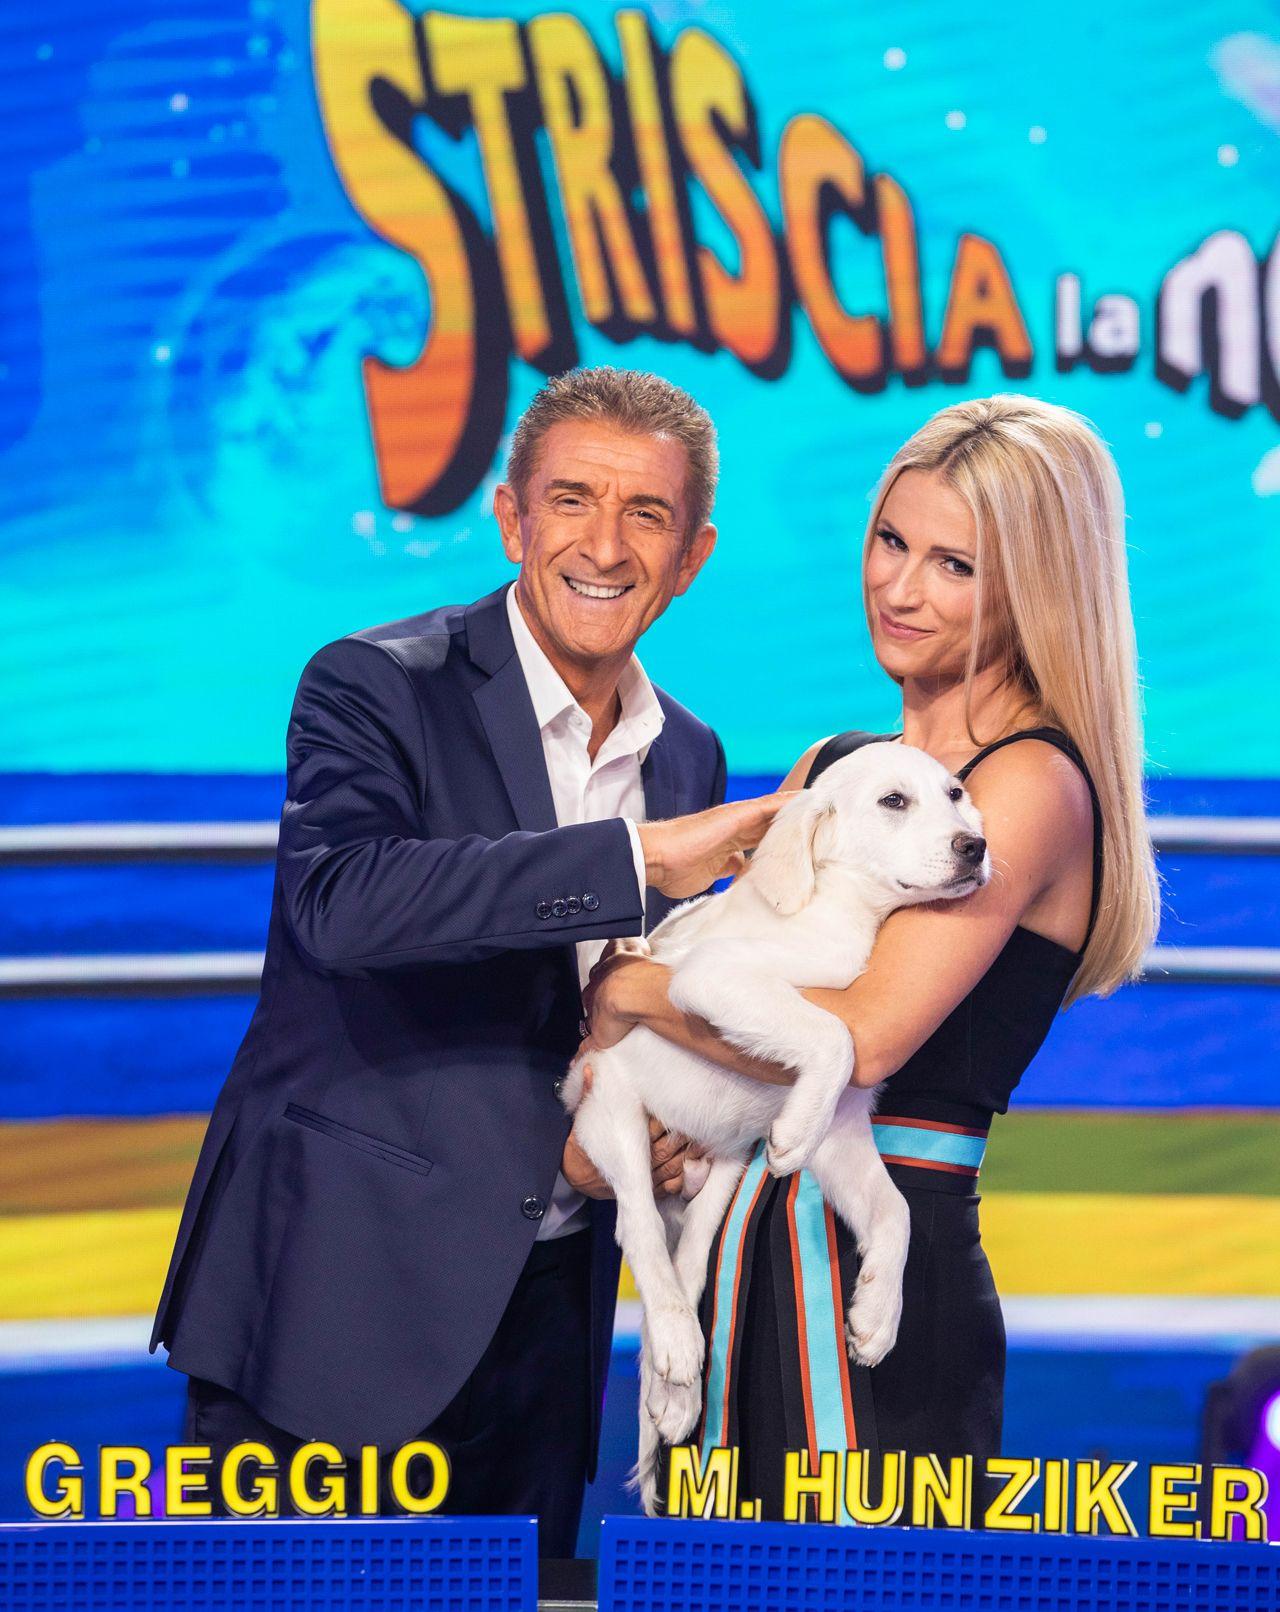 Hashtag, la storia del cagnolino di Striscia la notizia